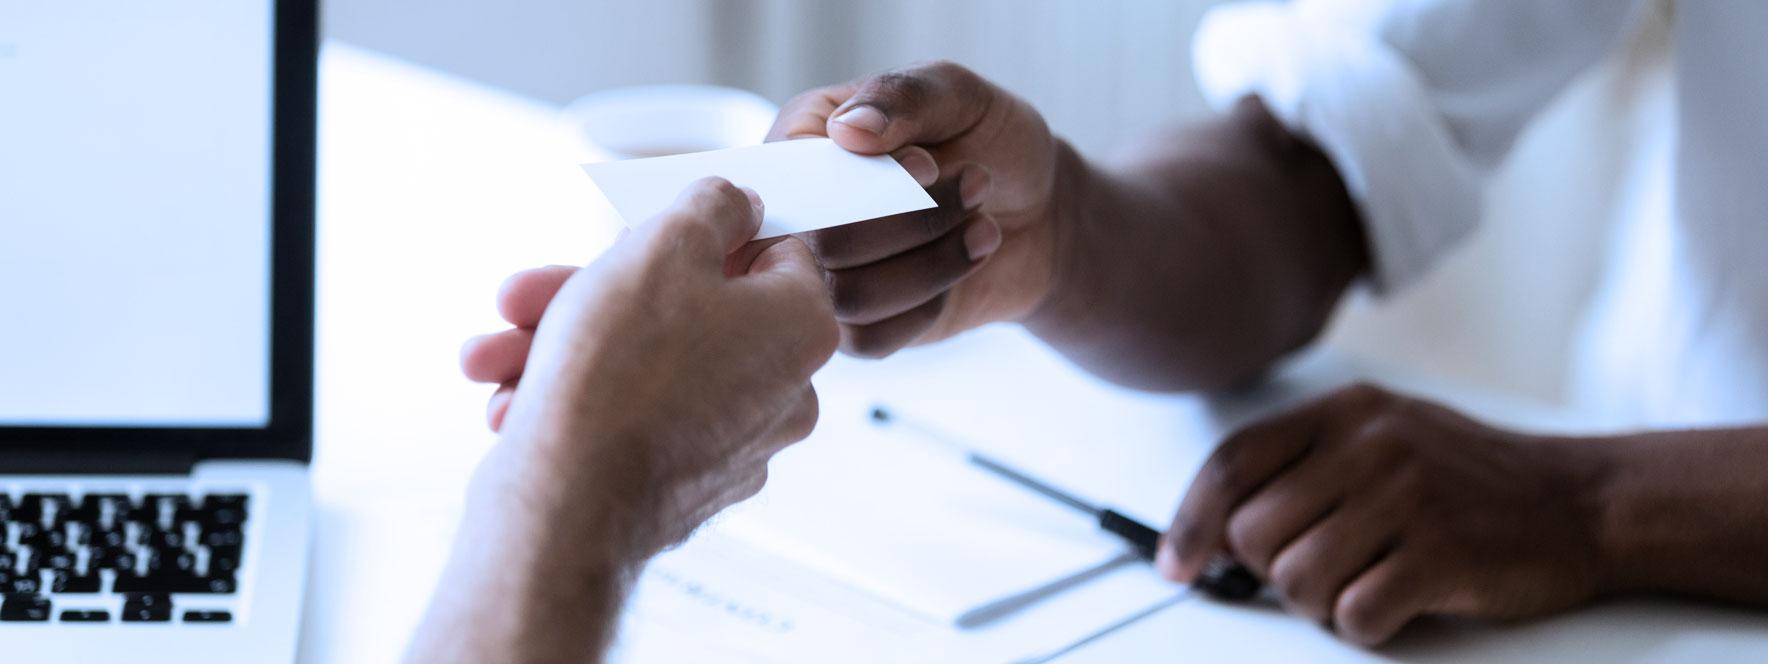 Relation d'aide - Réferer votre client, échange de carte d'affaire - blogue du Réseau